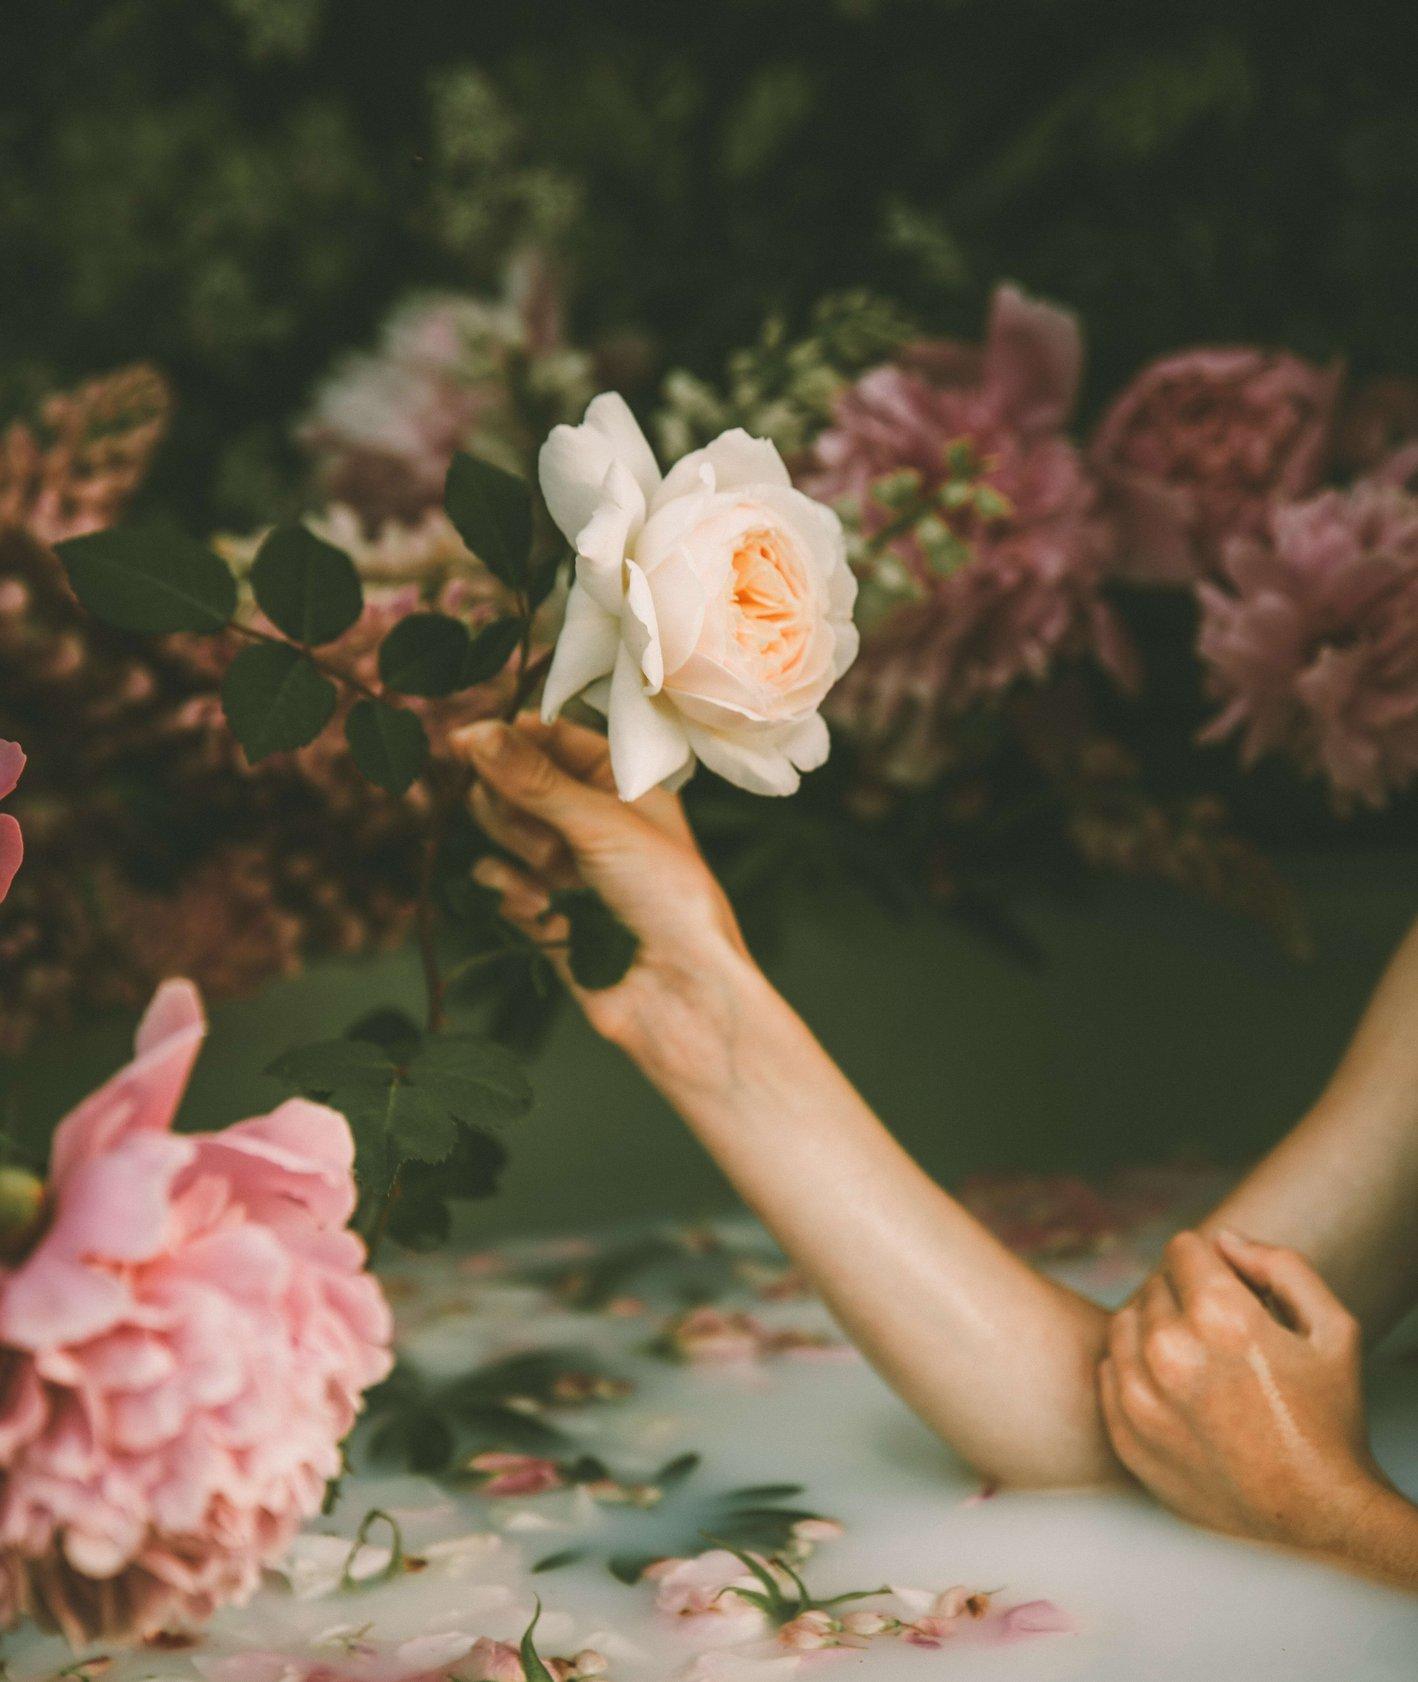 Kobieca ręka trzyma różę (fot. Anita Austvika/unsplash)